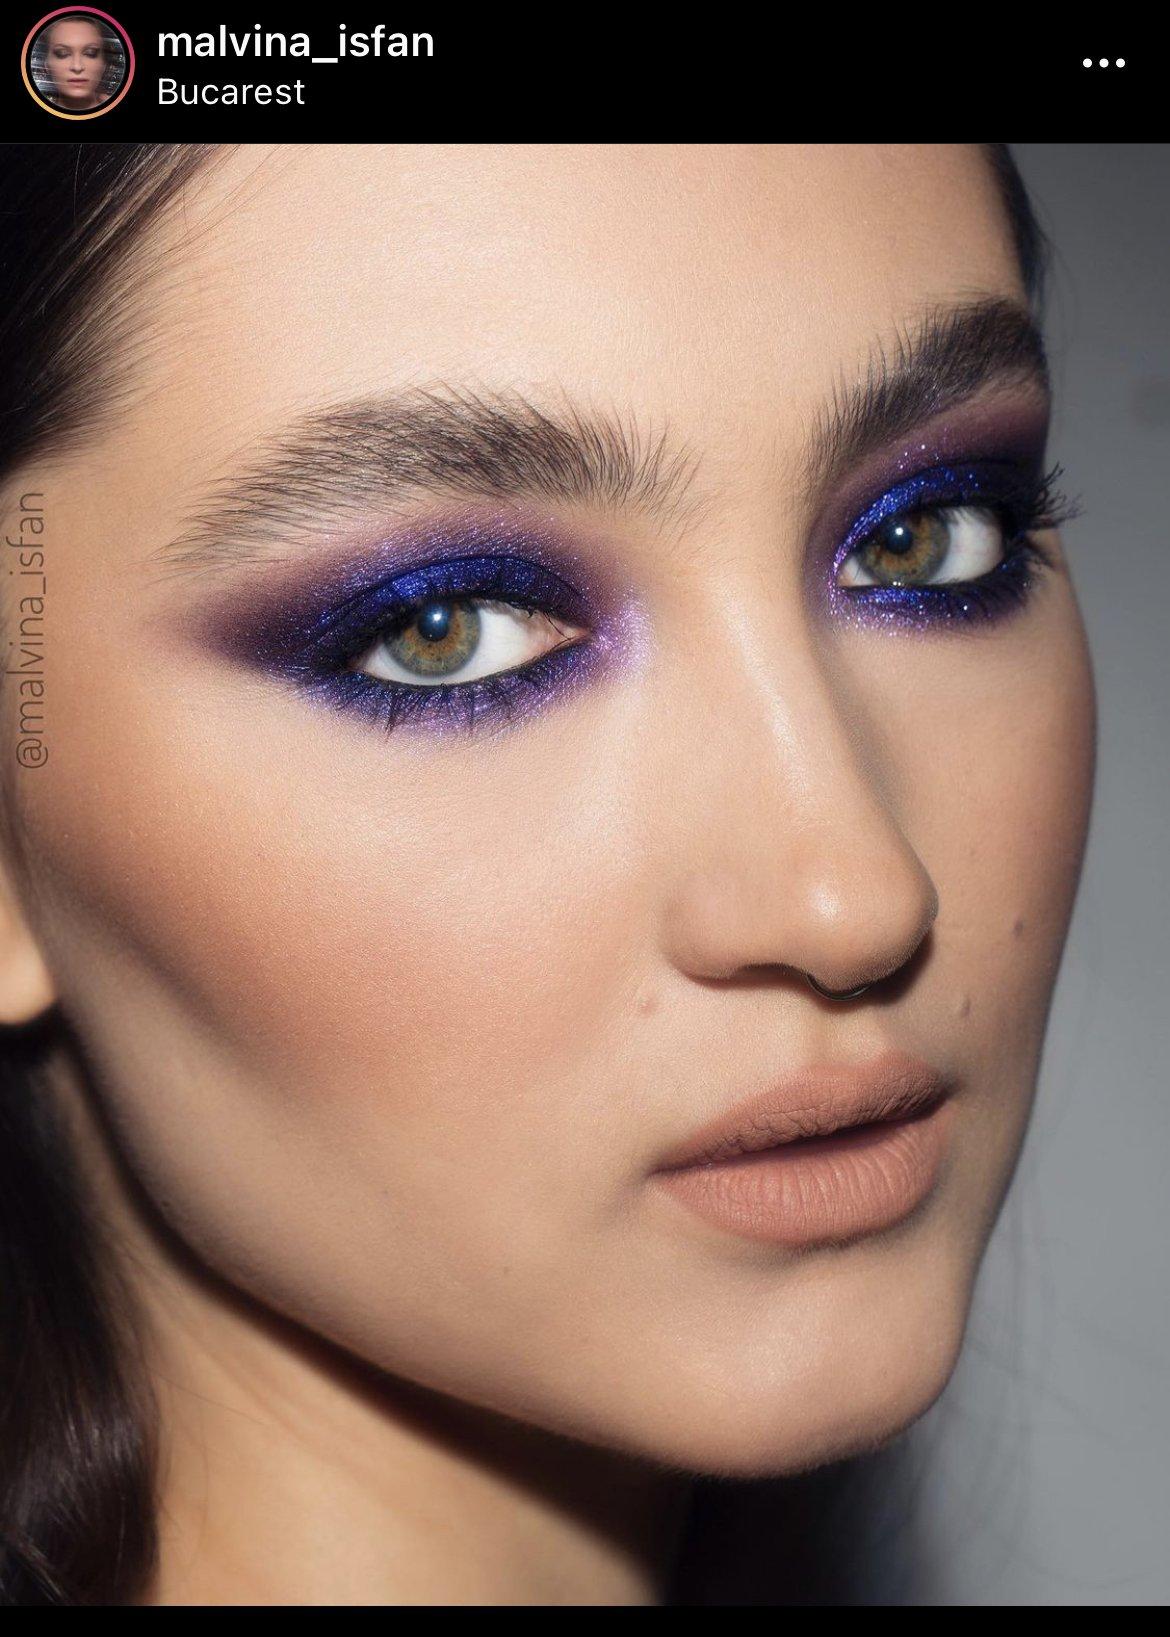 Malvina Isfan makeup trends instagram 2021